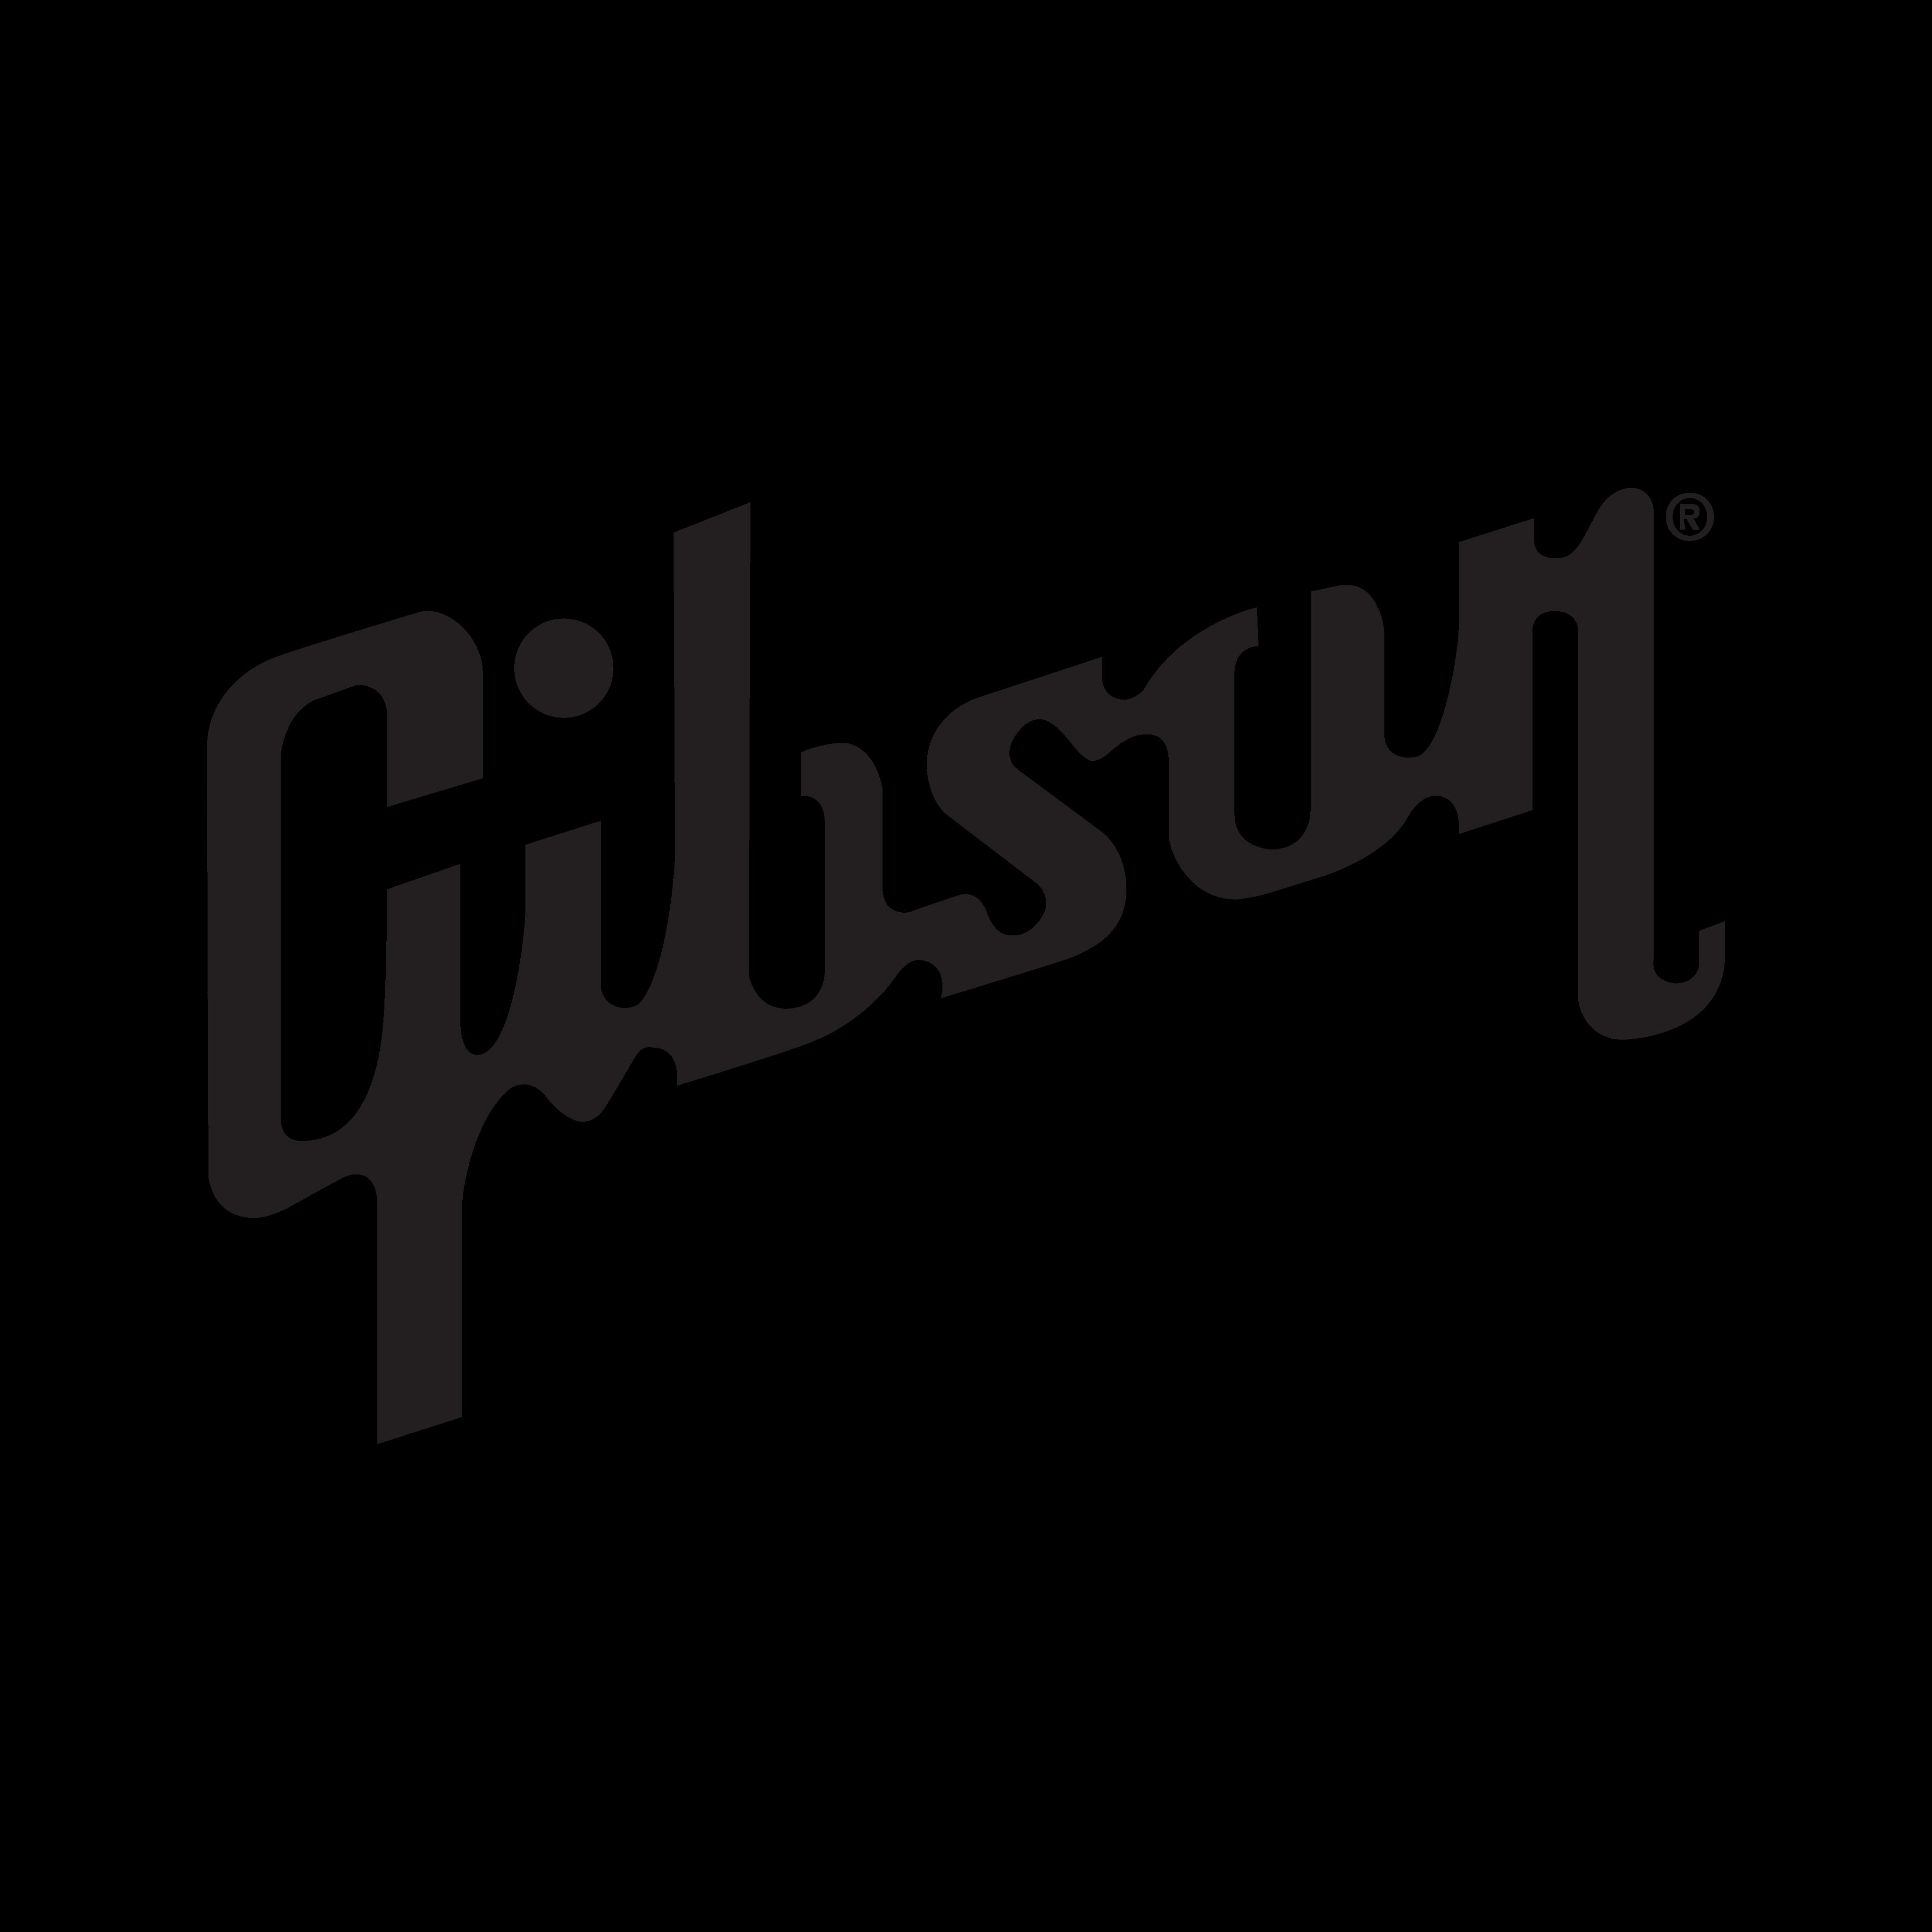 gibson logo 0 - Gibson Logo